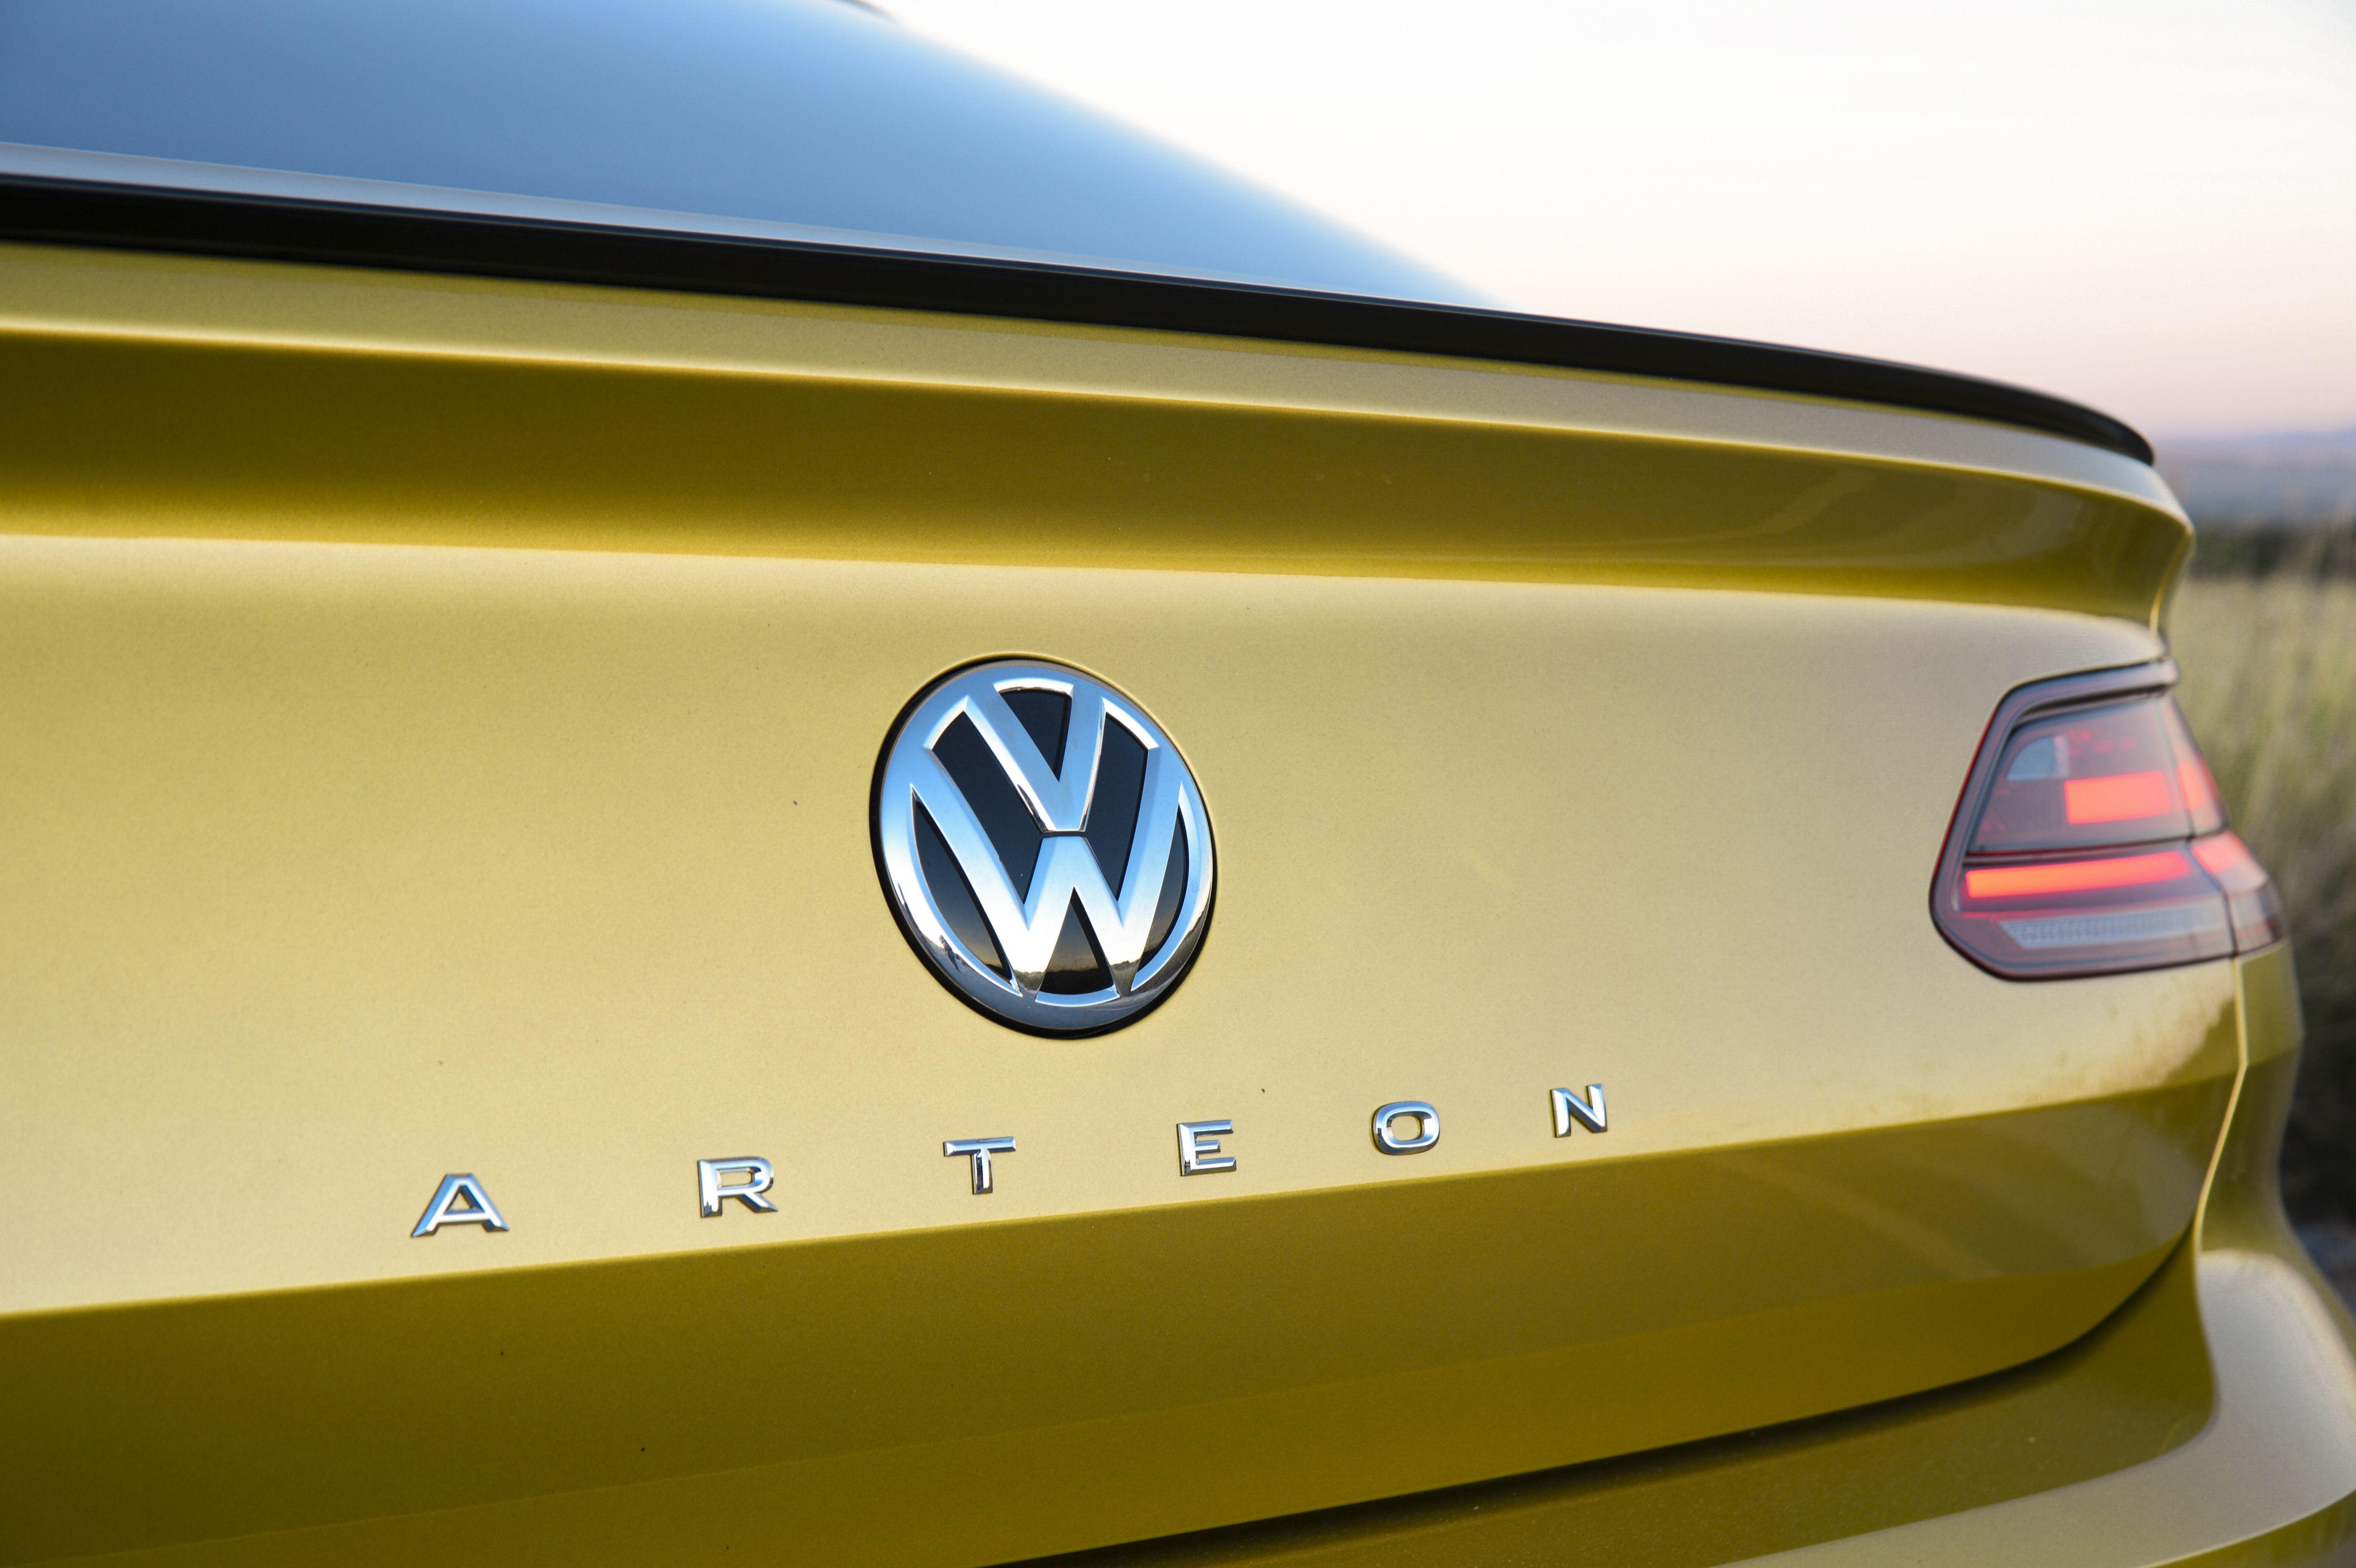 Cc Replacement The Arteon In 2020 Volkswagen Phaeton Volkswagen Logo Volkswagen